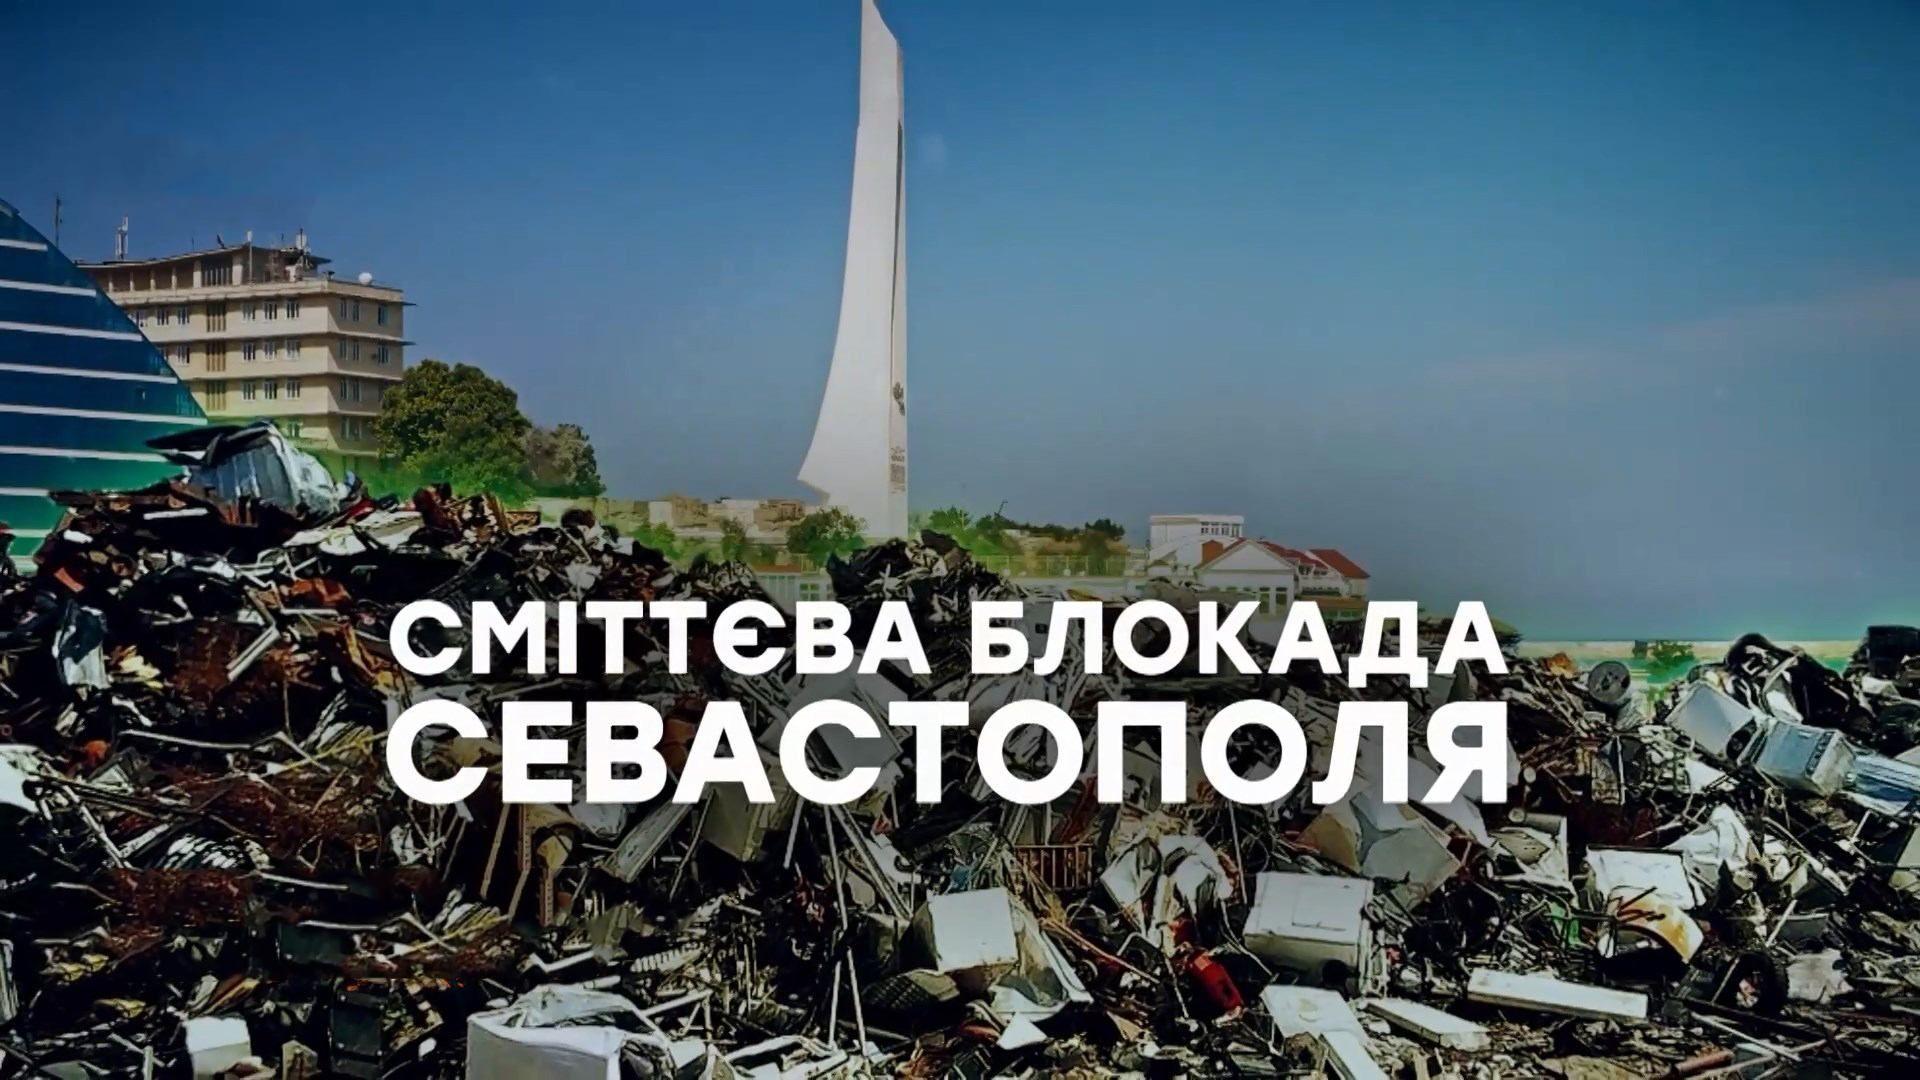 Как Севастополь превращается в город-свалку: шокирующие фото - новости Крыма - 24 Канал